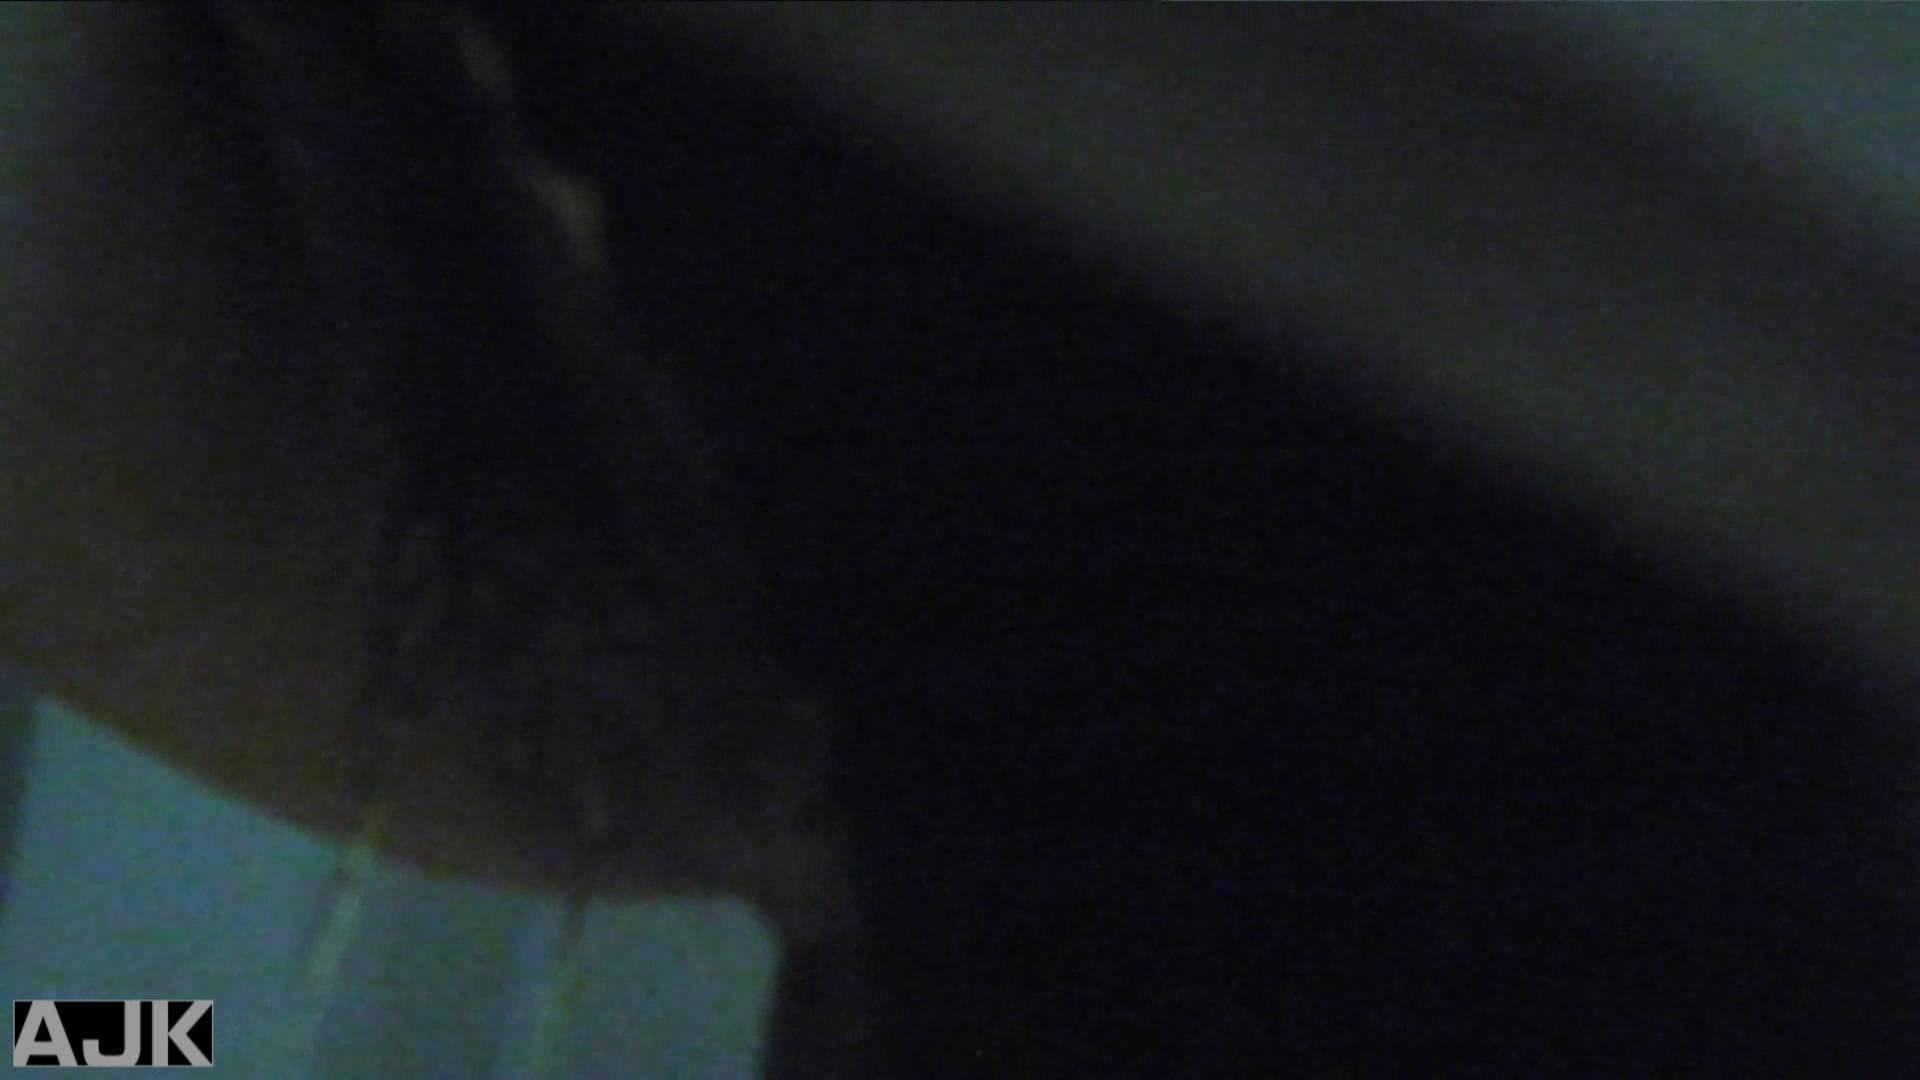 隣国上階級エリアの令嬢たちが集うデパートお手洗い Vol.06 女子トイレの中 セックス画像 78画像 31